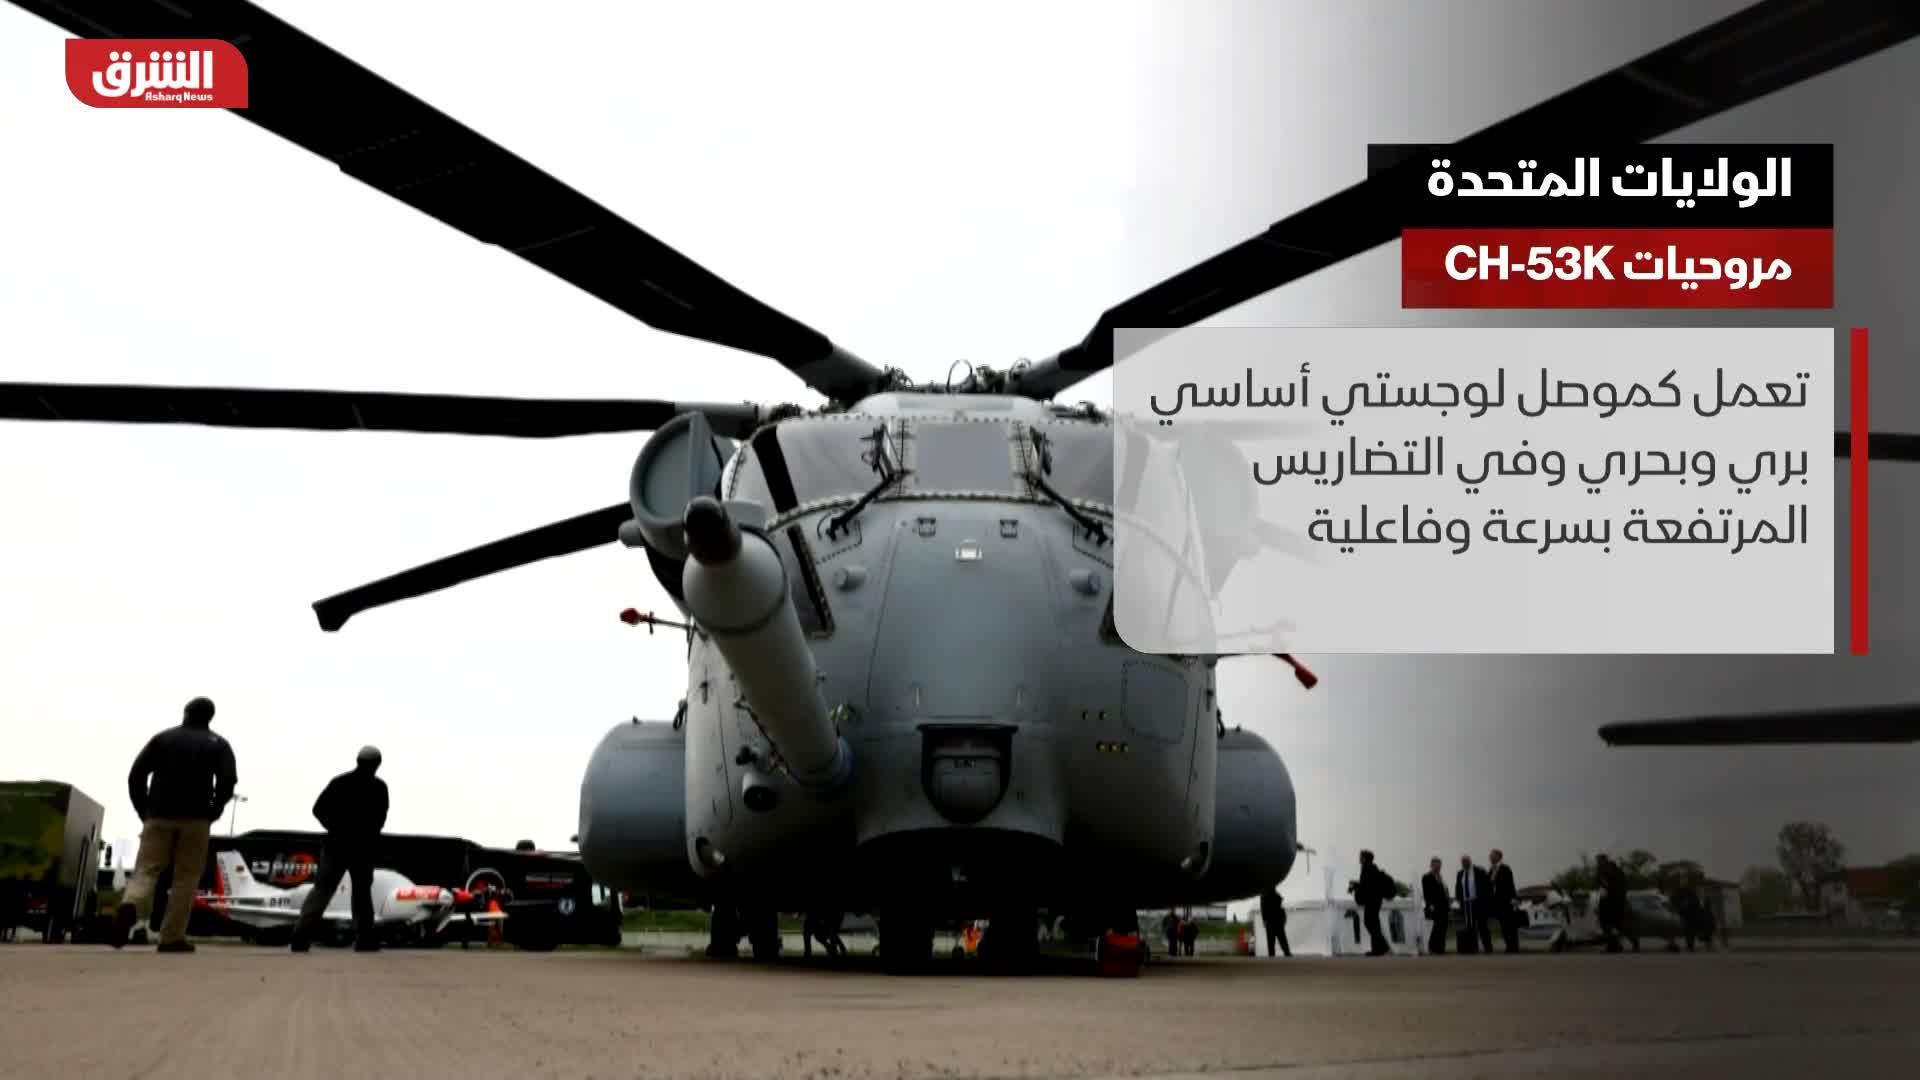 الولايات المتحدة.. مروحيات CH-53K